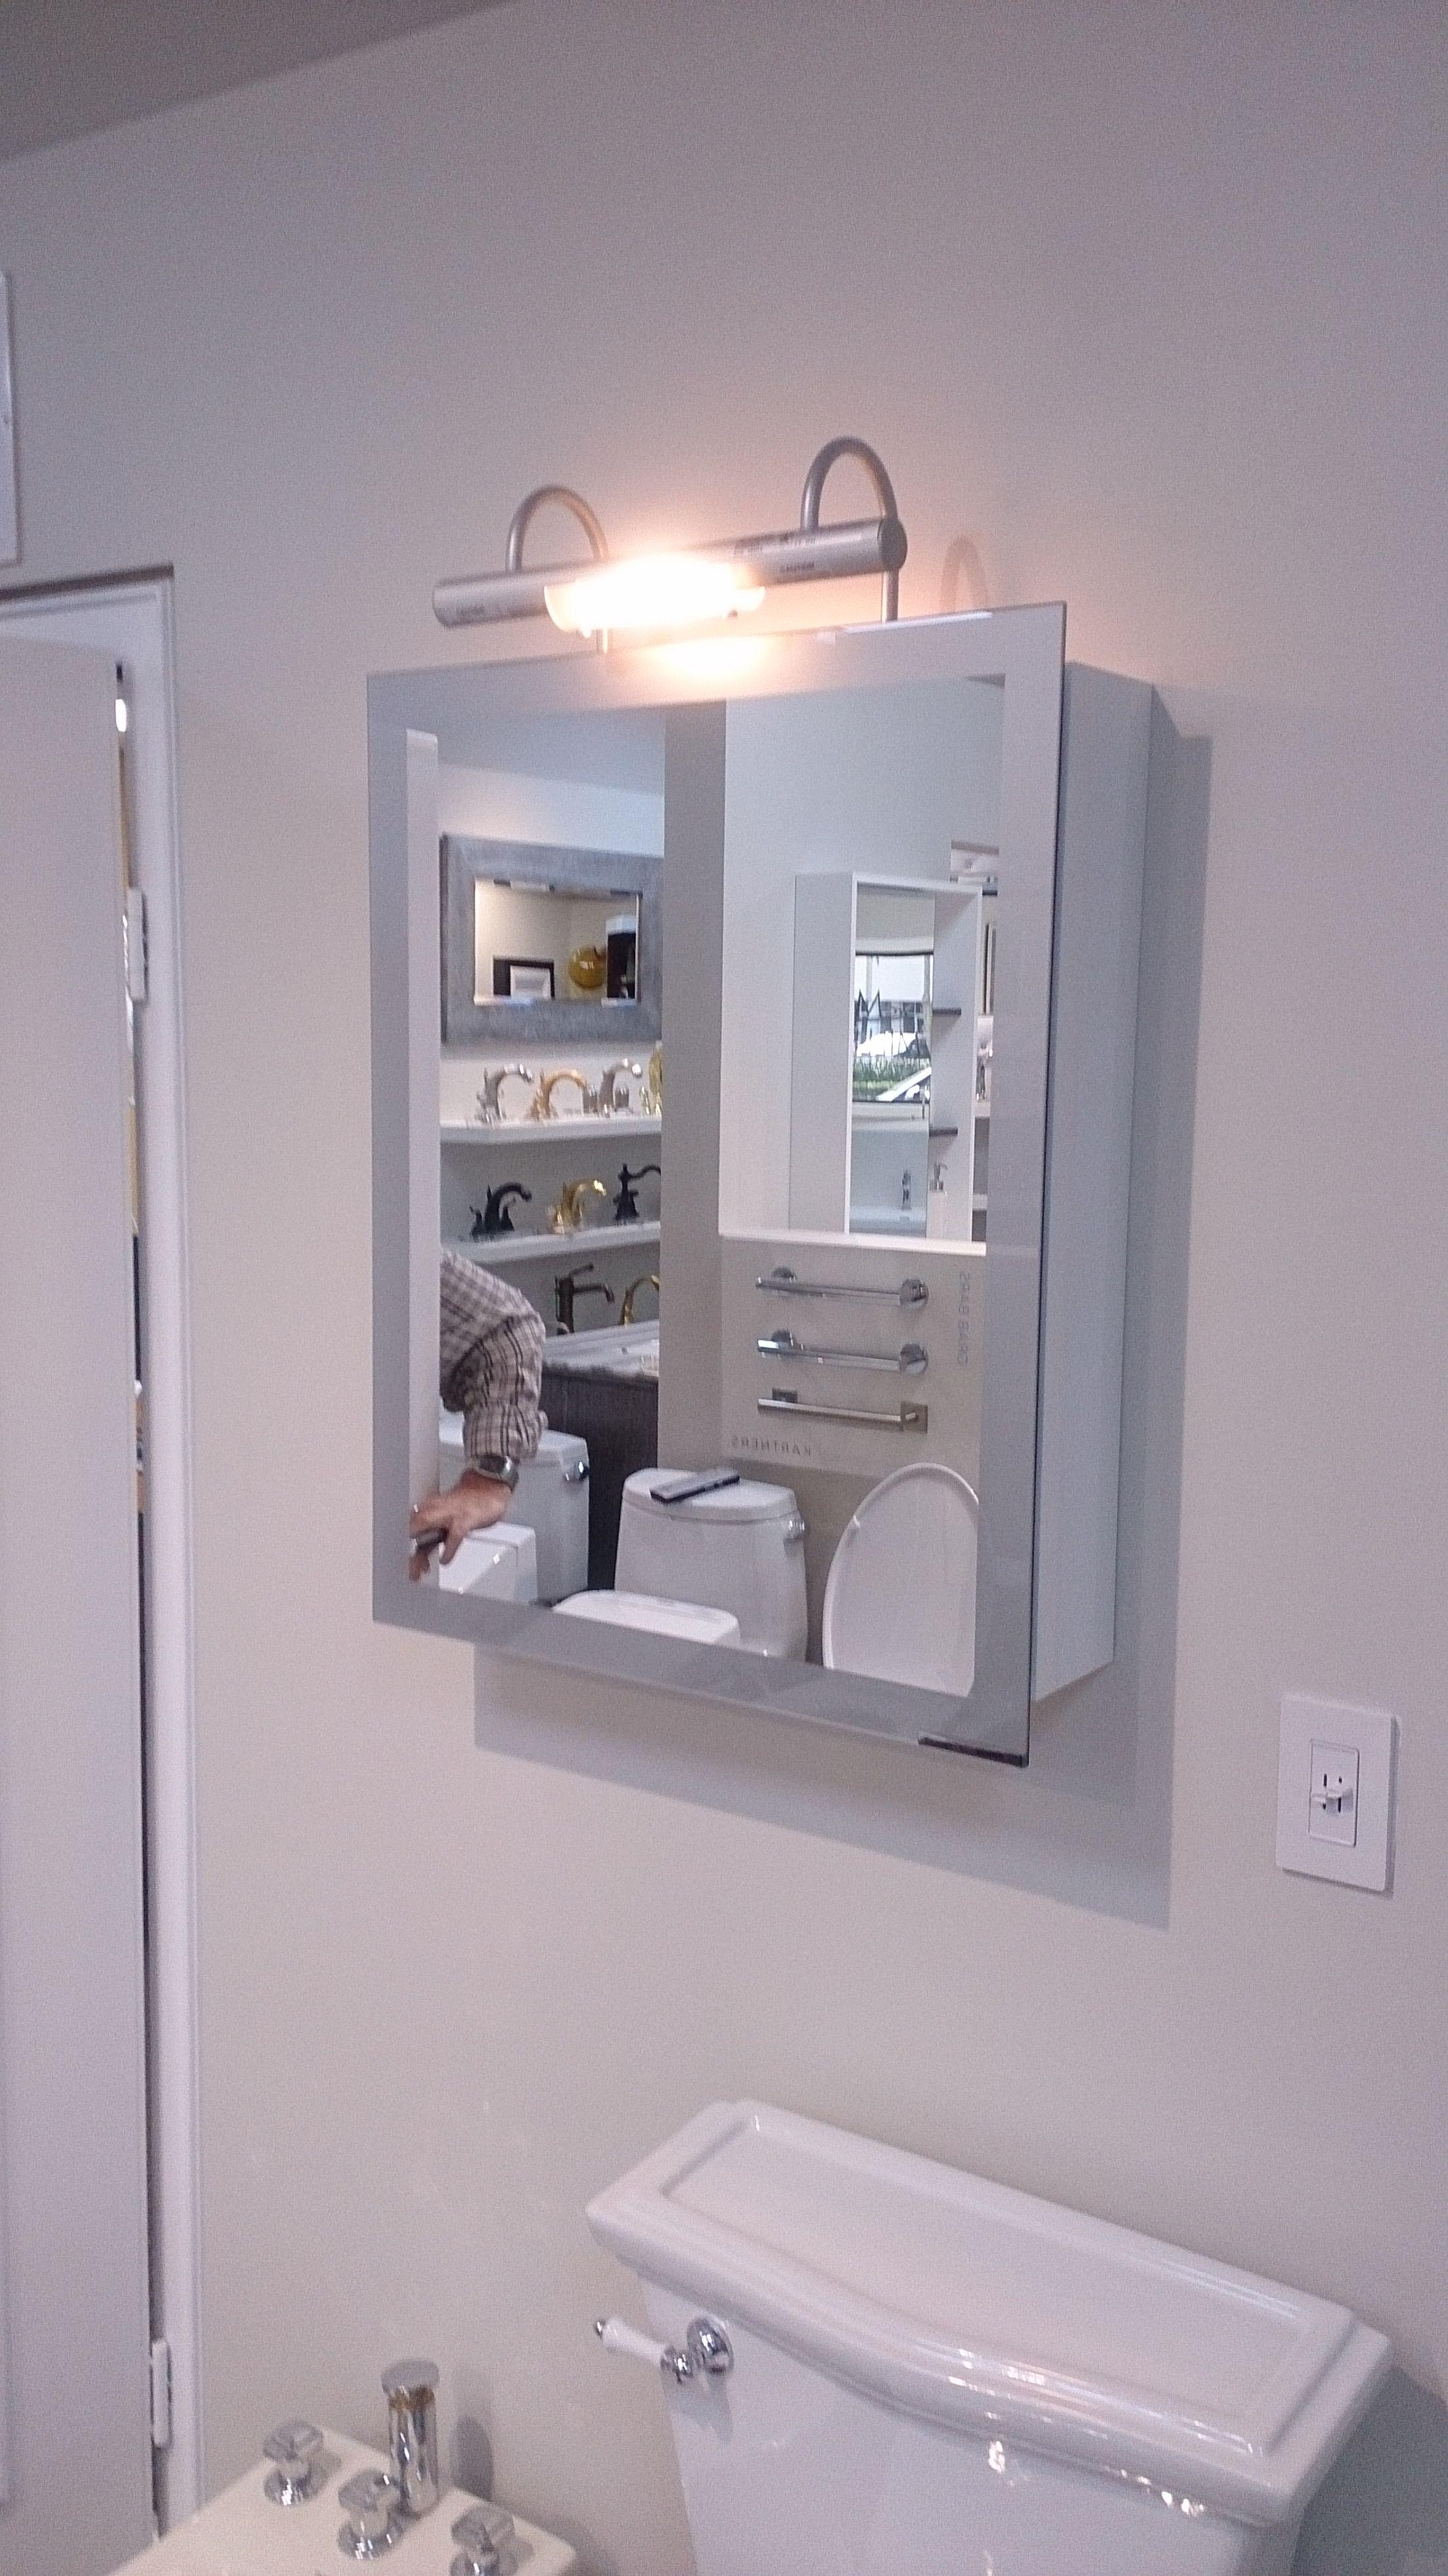 Sidler Axara Medicine Cabinet With Built In Halogen Lights On Display At Millers Elegant Hardware